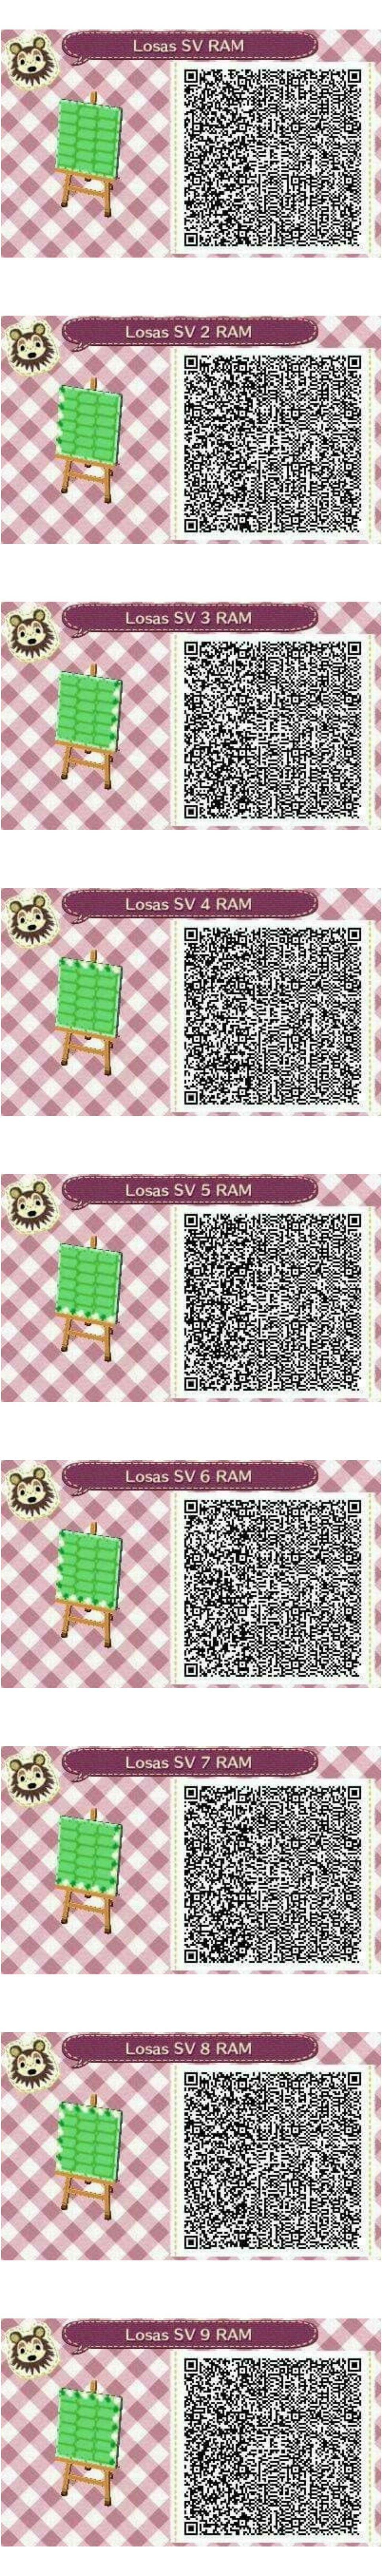 Este es un QR Code para Animal Crossing creado por mí misma. Como podéis observar es un suelo